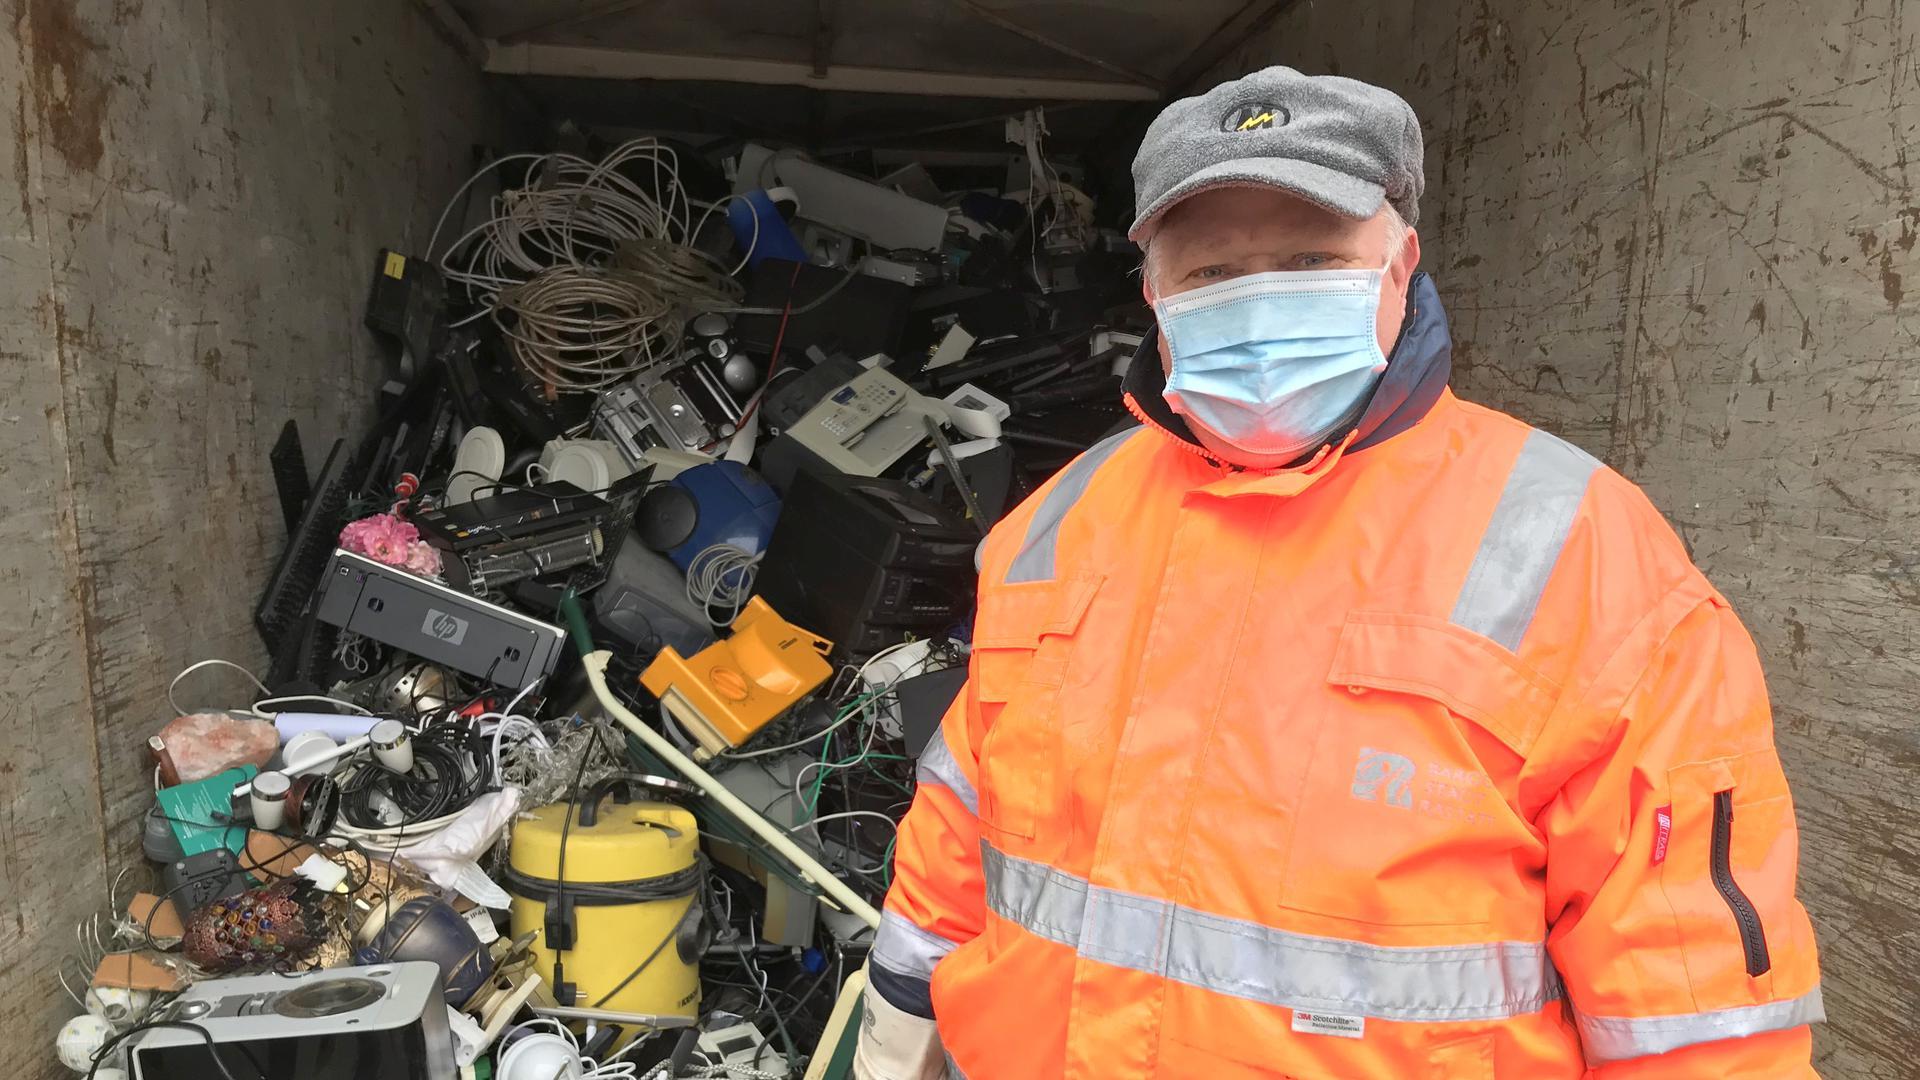 Eine bunte Mischung: Im Container für Kleingeräte häufen sich allerlei Kabel auf alten Radios, kaputten Toastern, ausrangierten Druckern und Staubsaugern. Die Mitarbeiter der Elektroschrott-Sammelstelle in Rastatt sorgen dafür, dass alles im richtigen Behälter landet.